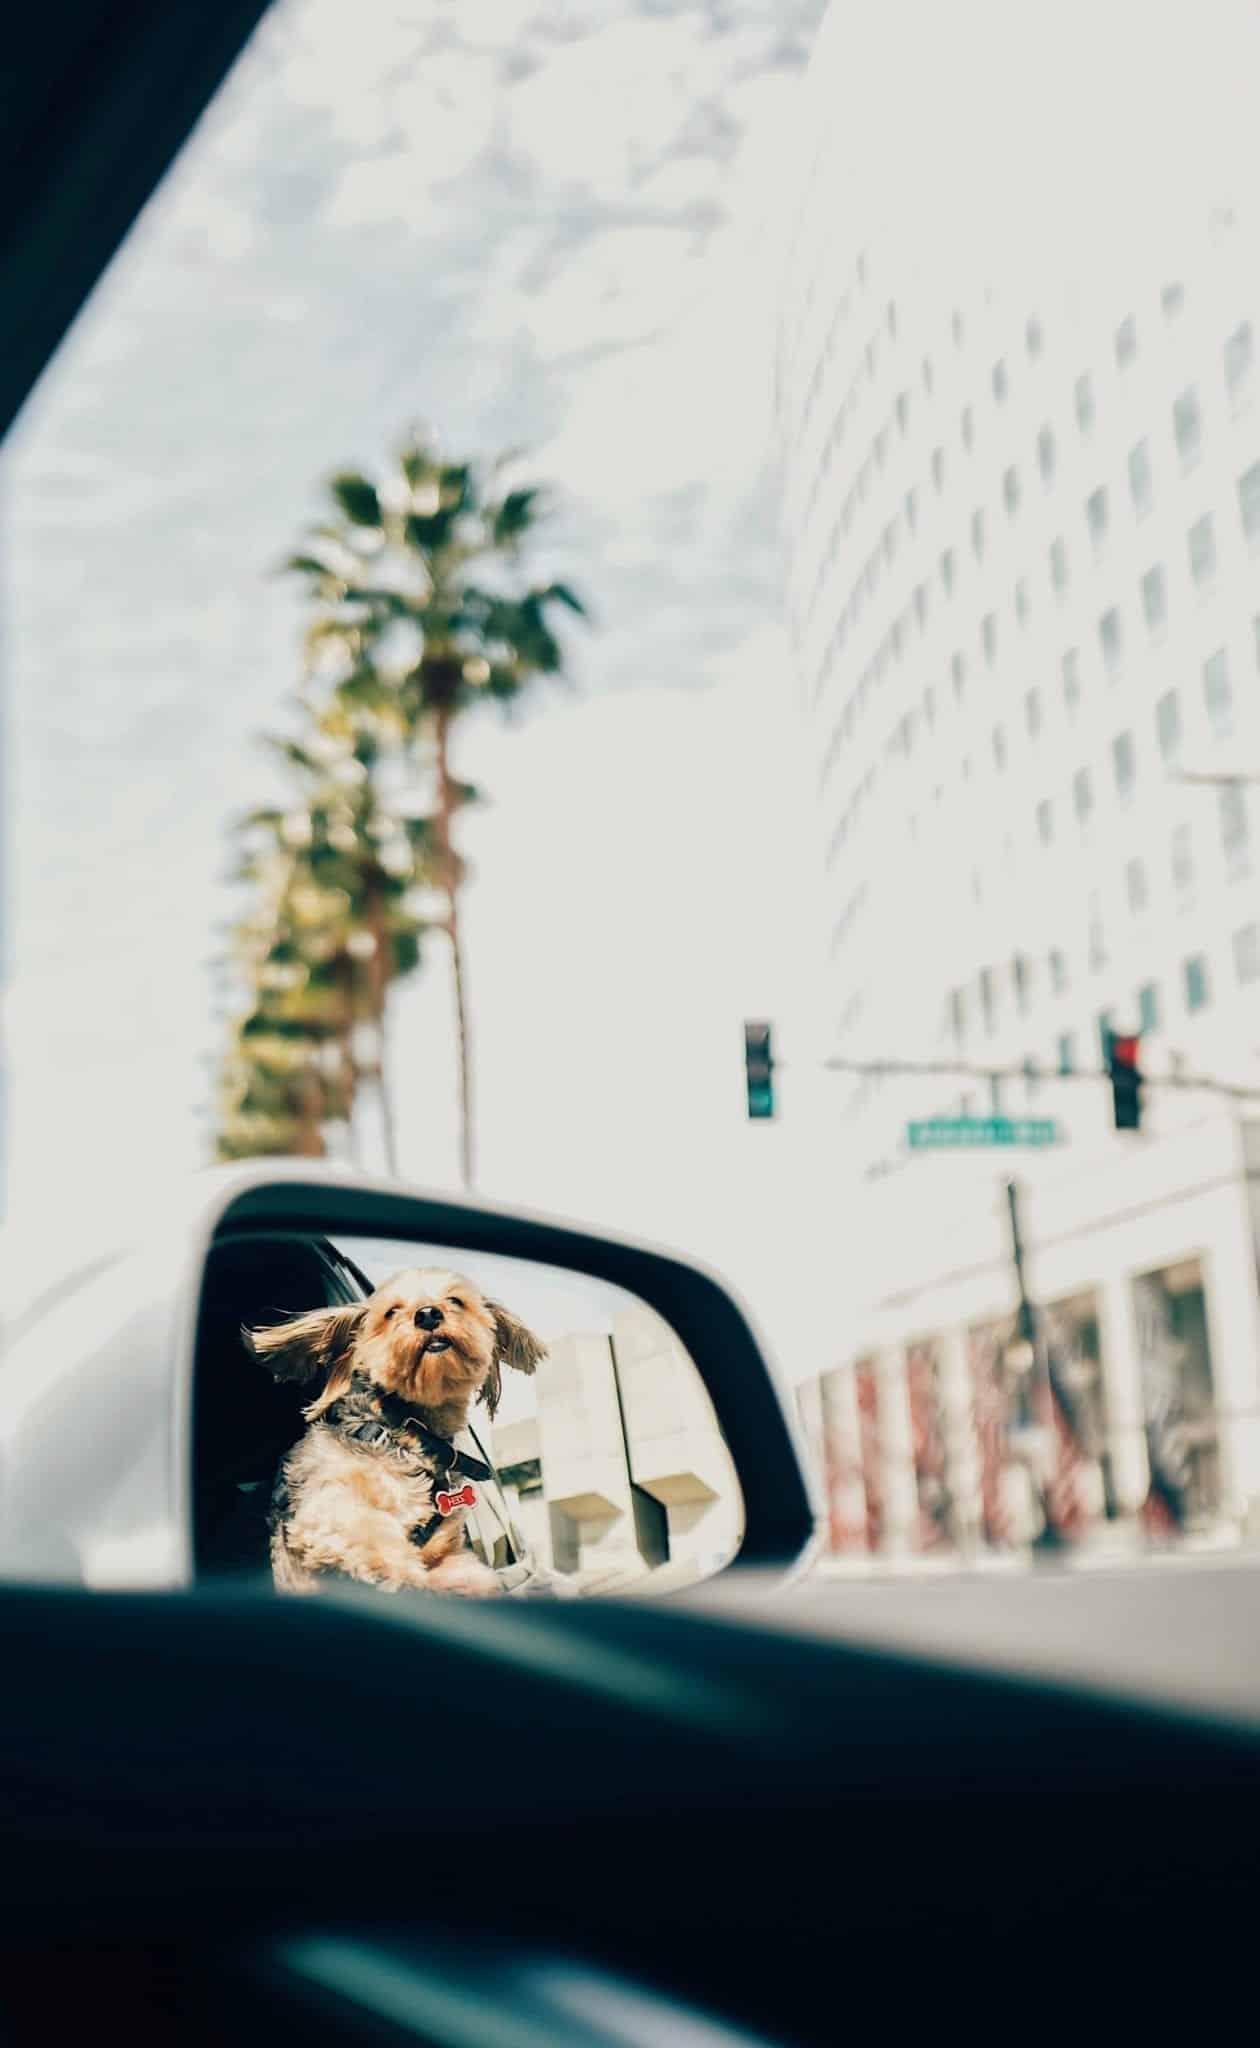 dog-friendly car ride